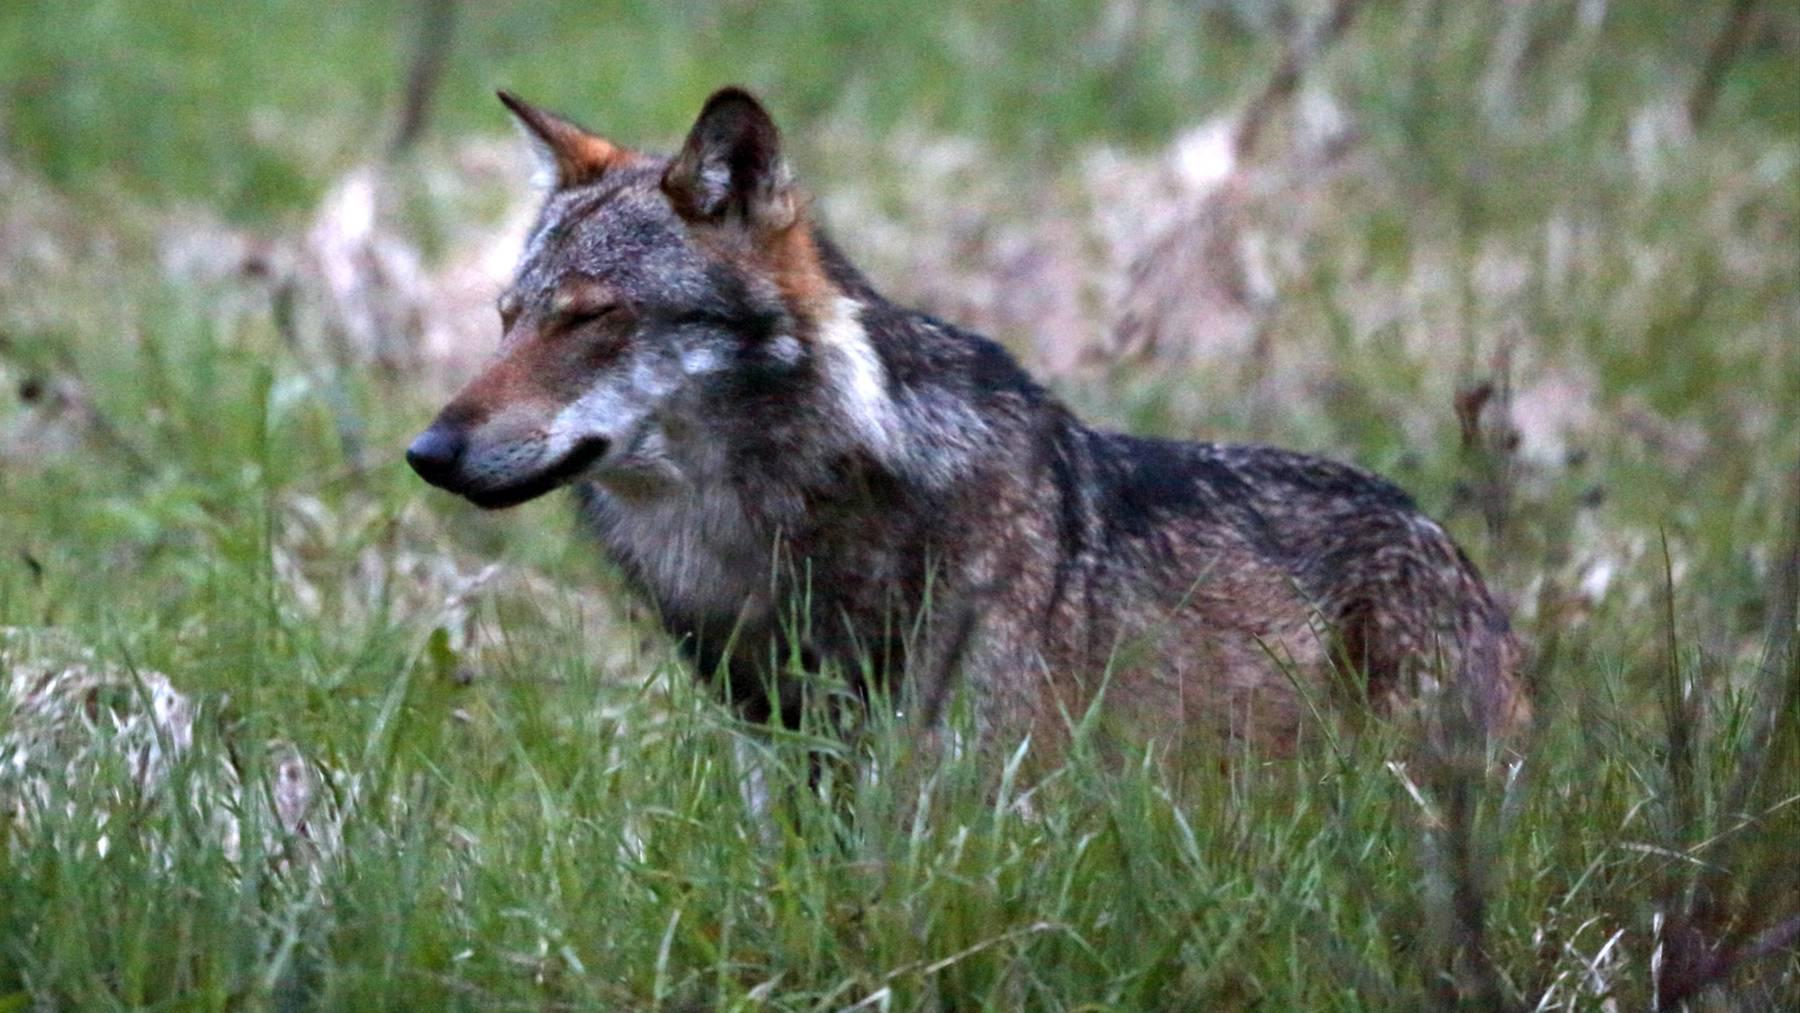 Zur genauen Bestimmung des Wolfes wurde eine DNA-Probe entnommen. (Symbolbild)